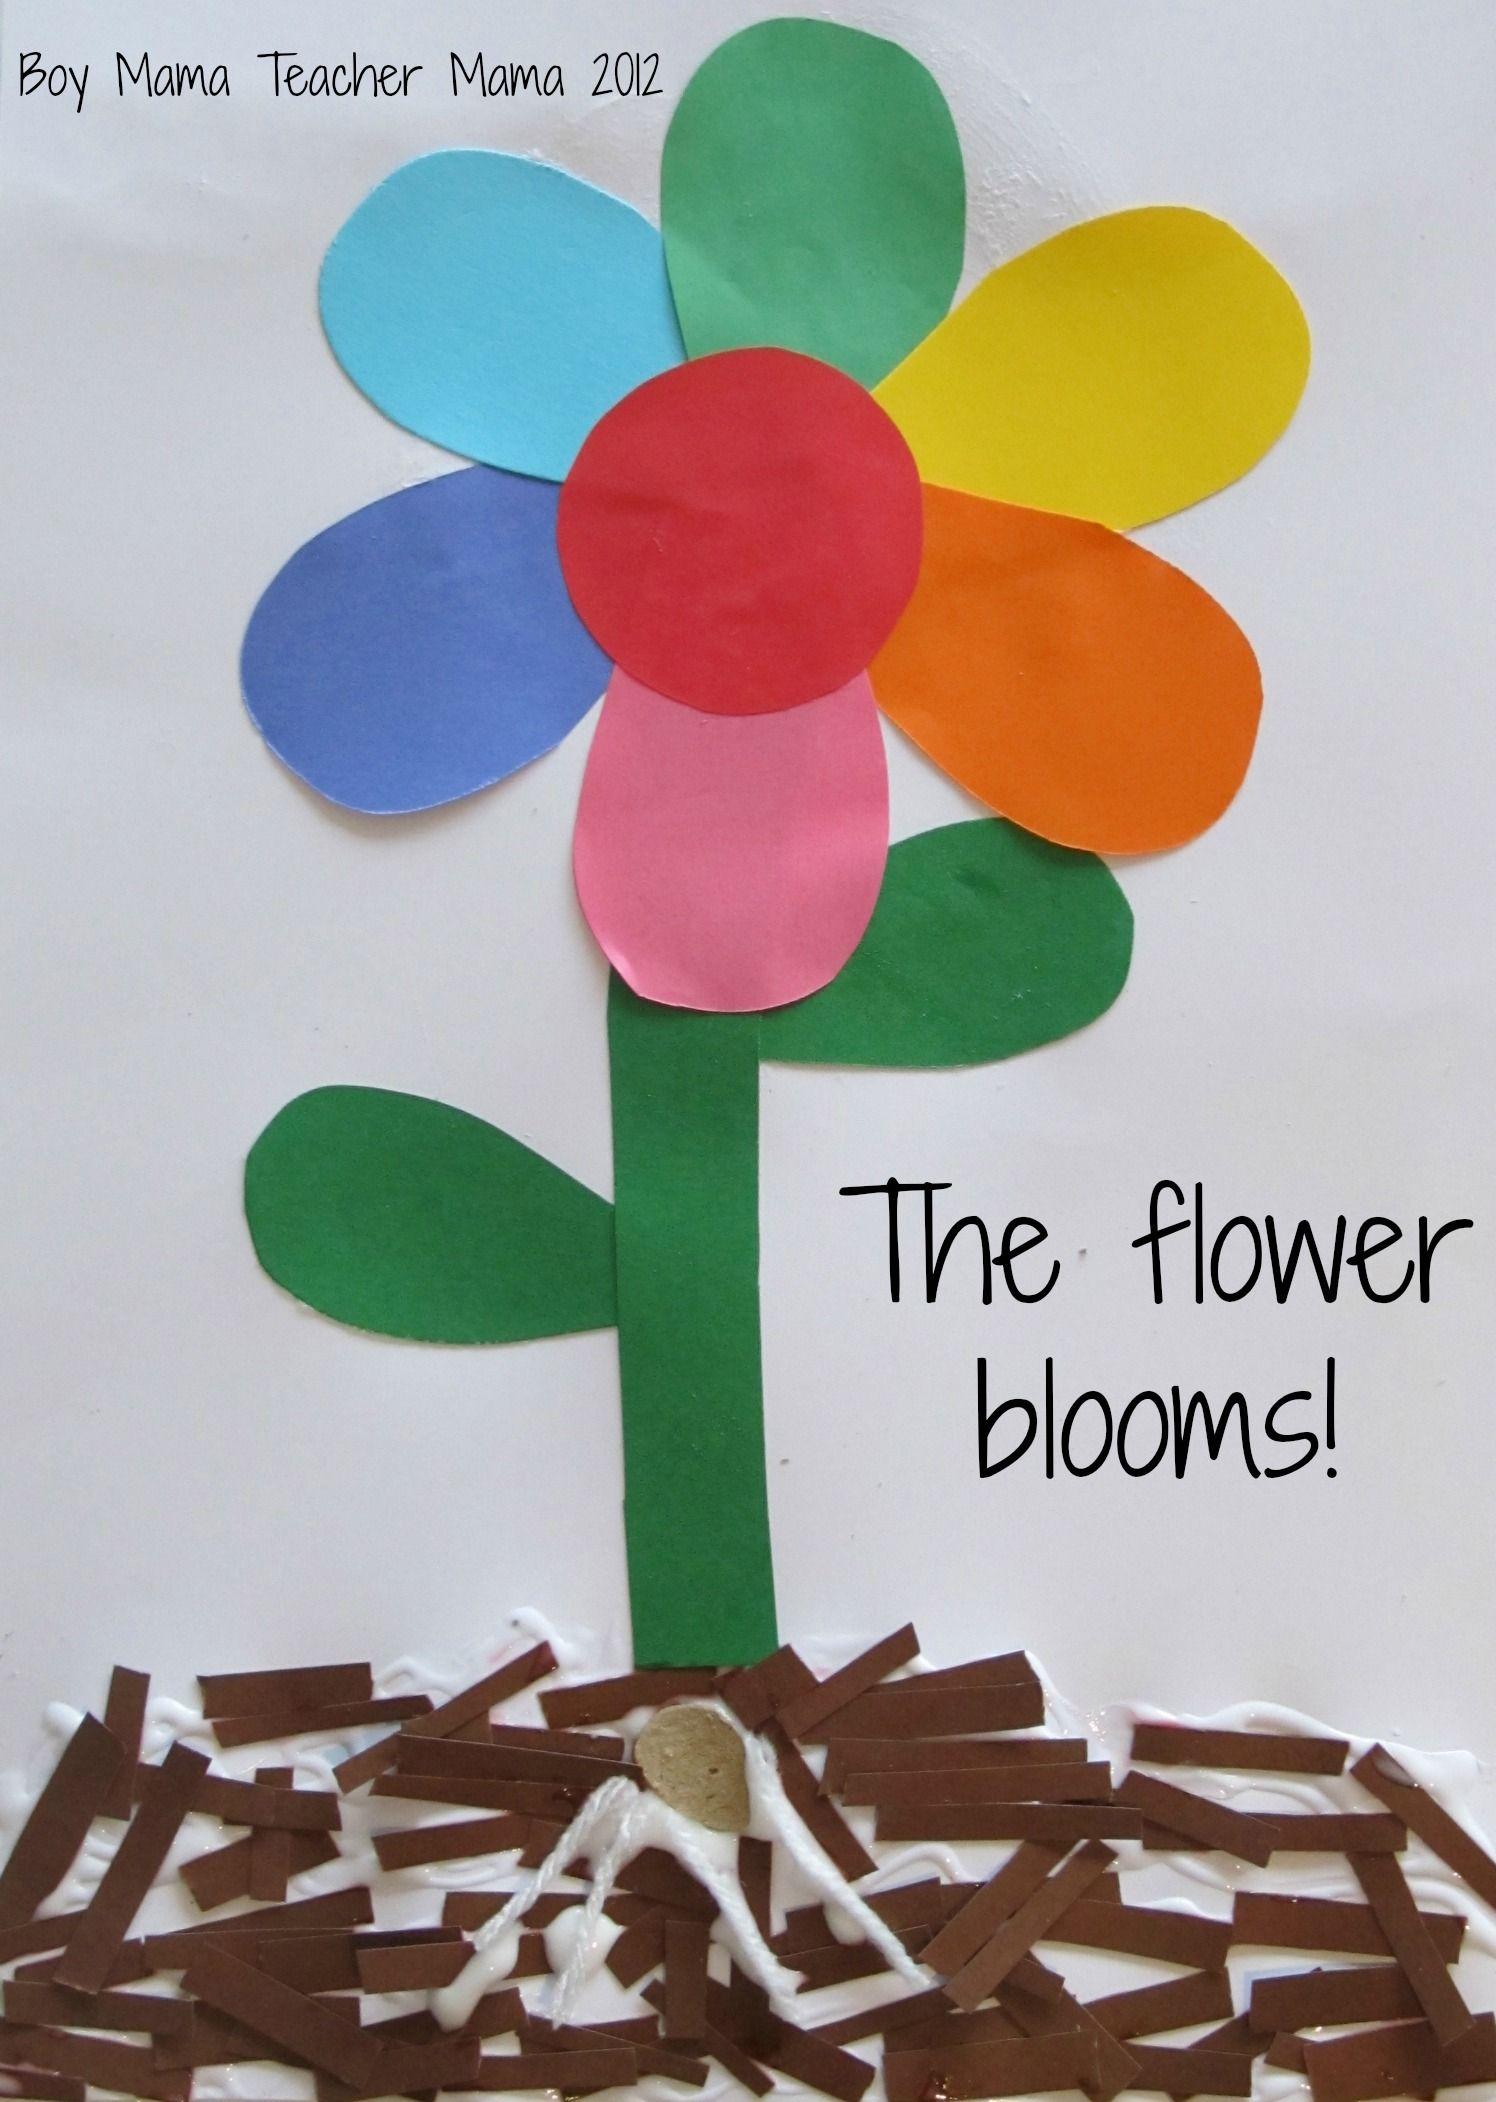 Boy Mama Teacher Mama: Planting a Rainbow inspired by Lois Ehlert